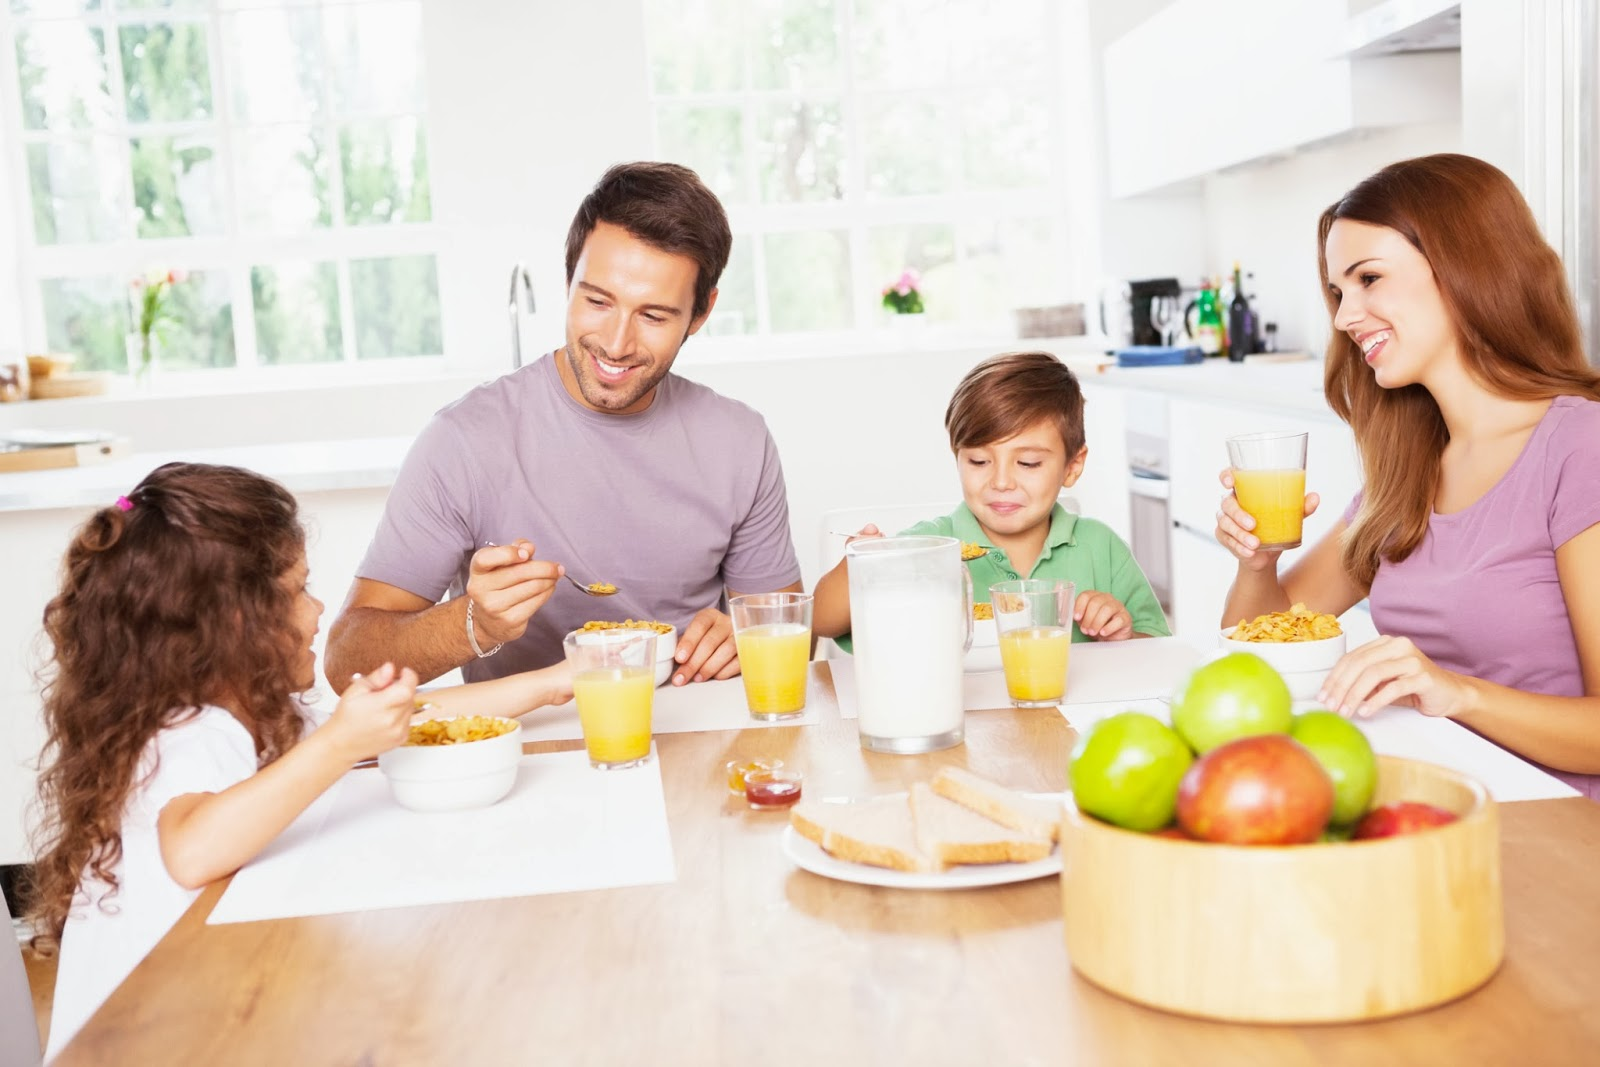 Reformas de cocinas. Pareja con niño y niña desayunando felices en la cocina.